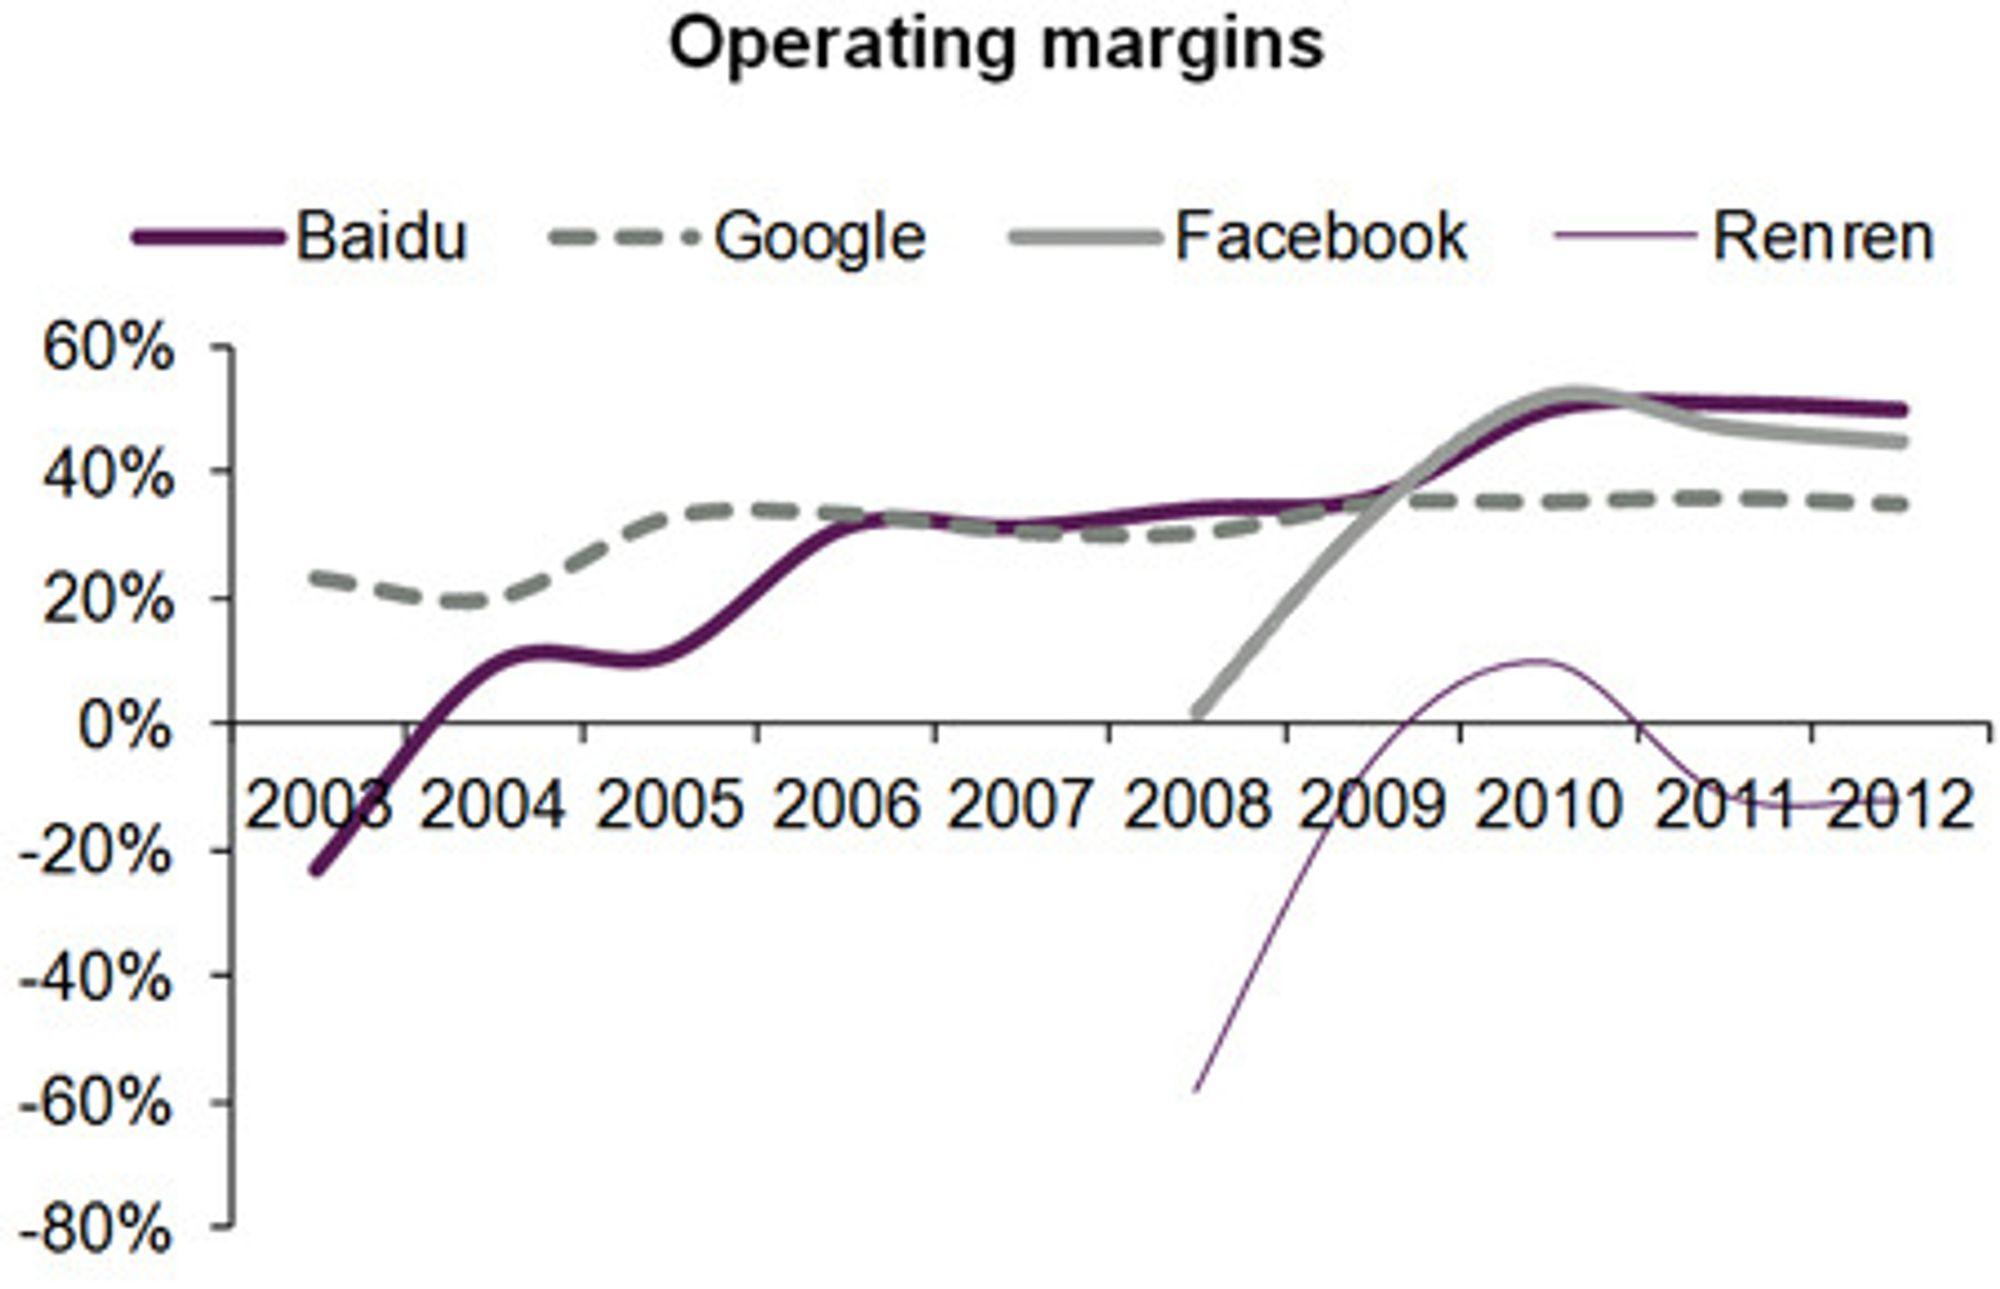 Poenget er at mens Facebook allerede har en driftsmargin på 47 prosent, går Renren fortsatt med underskudd.